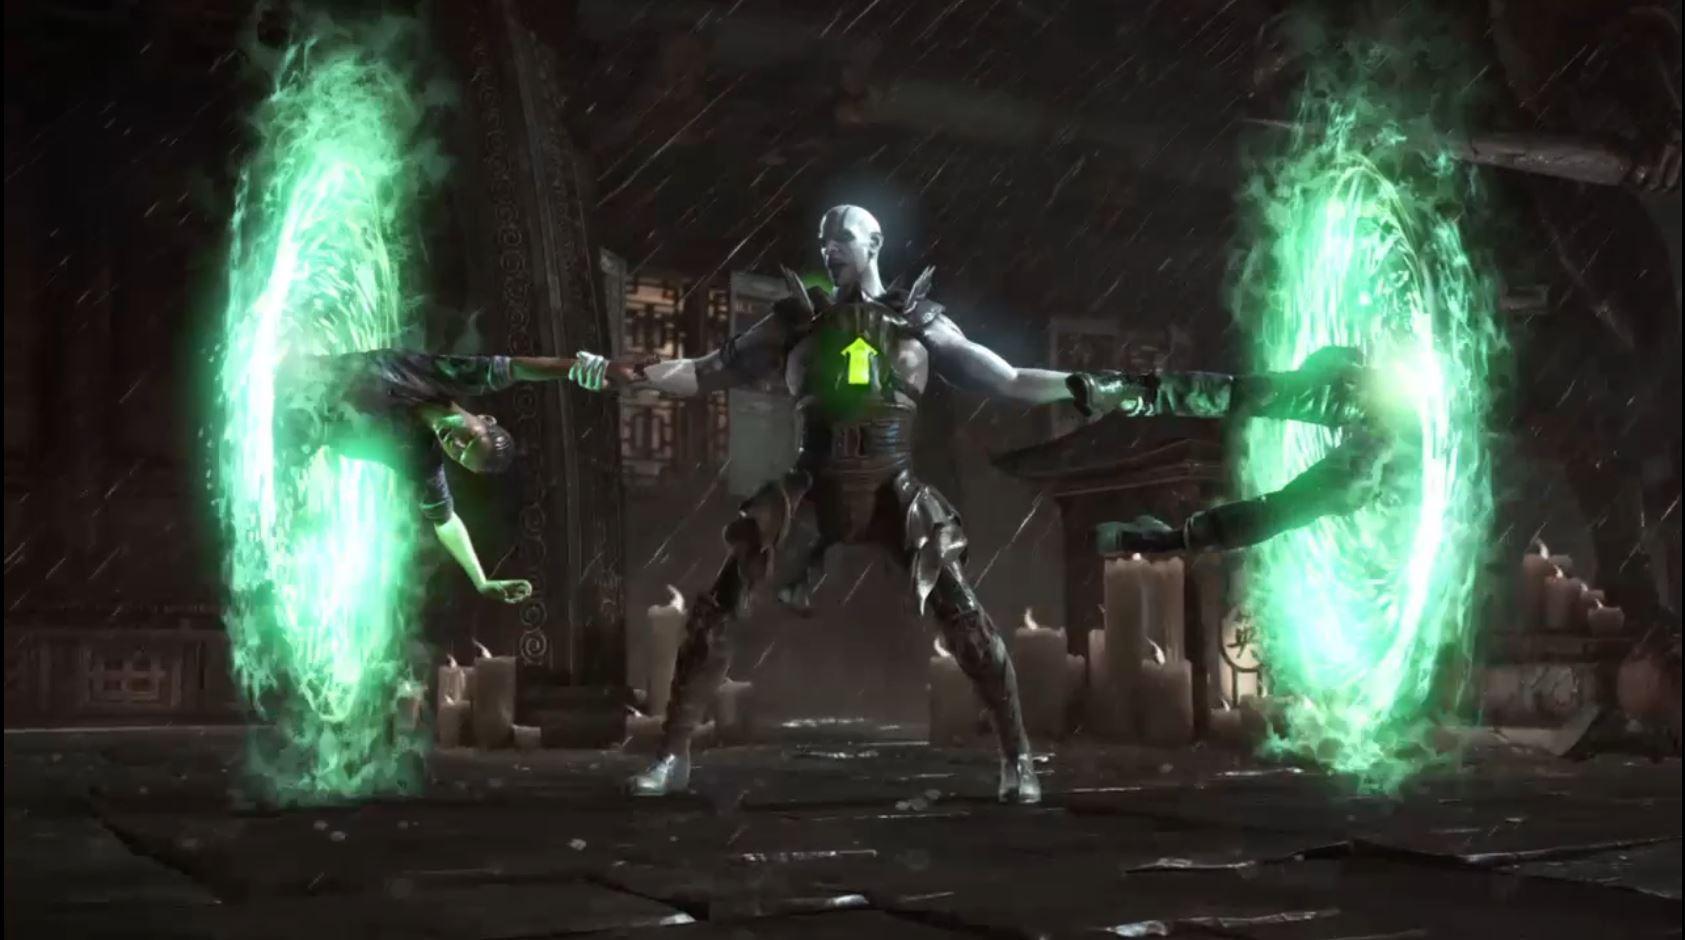 Quan Chi VS Jacqui Briggs – Mortal Kombat X